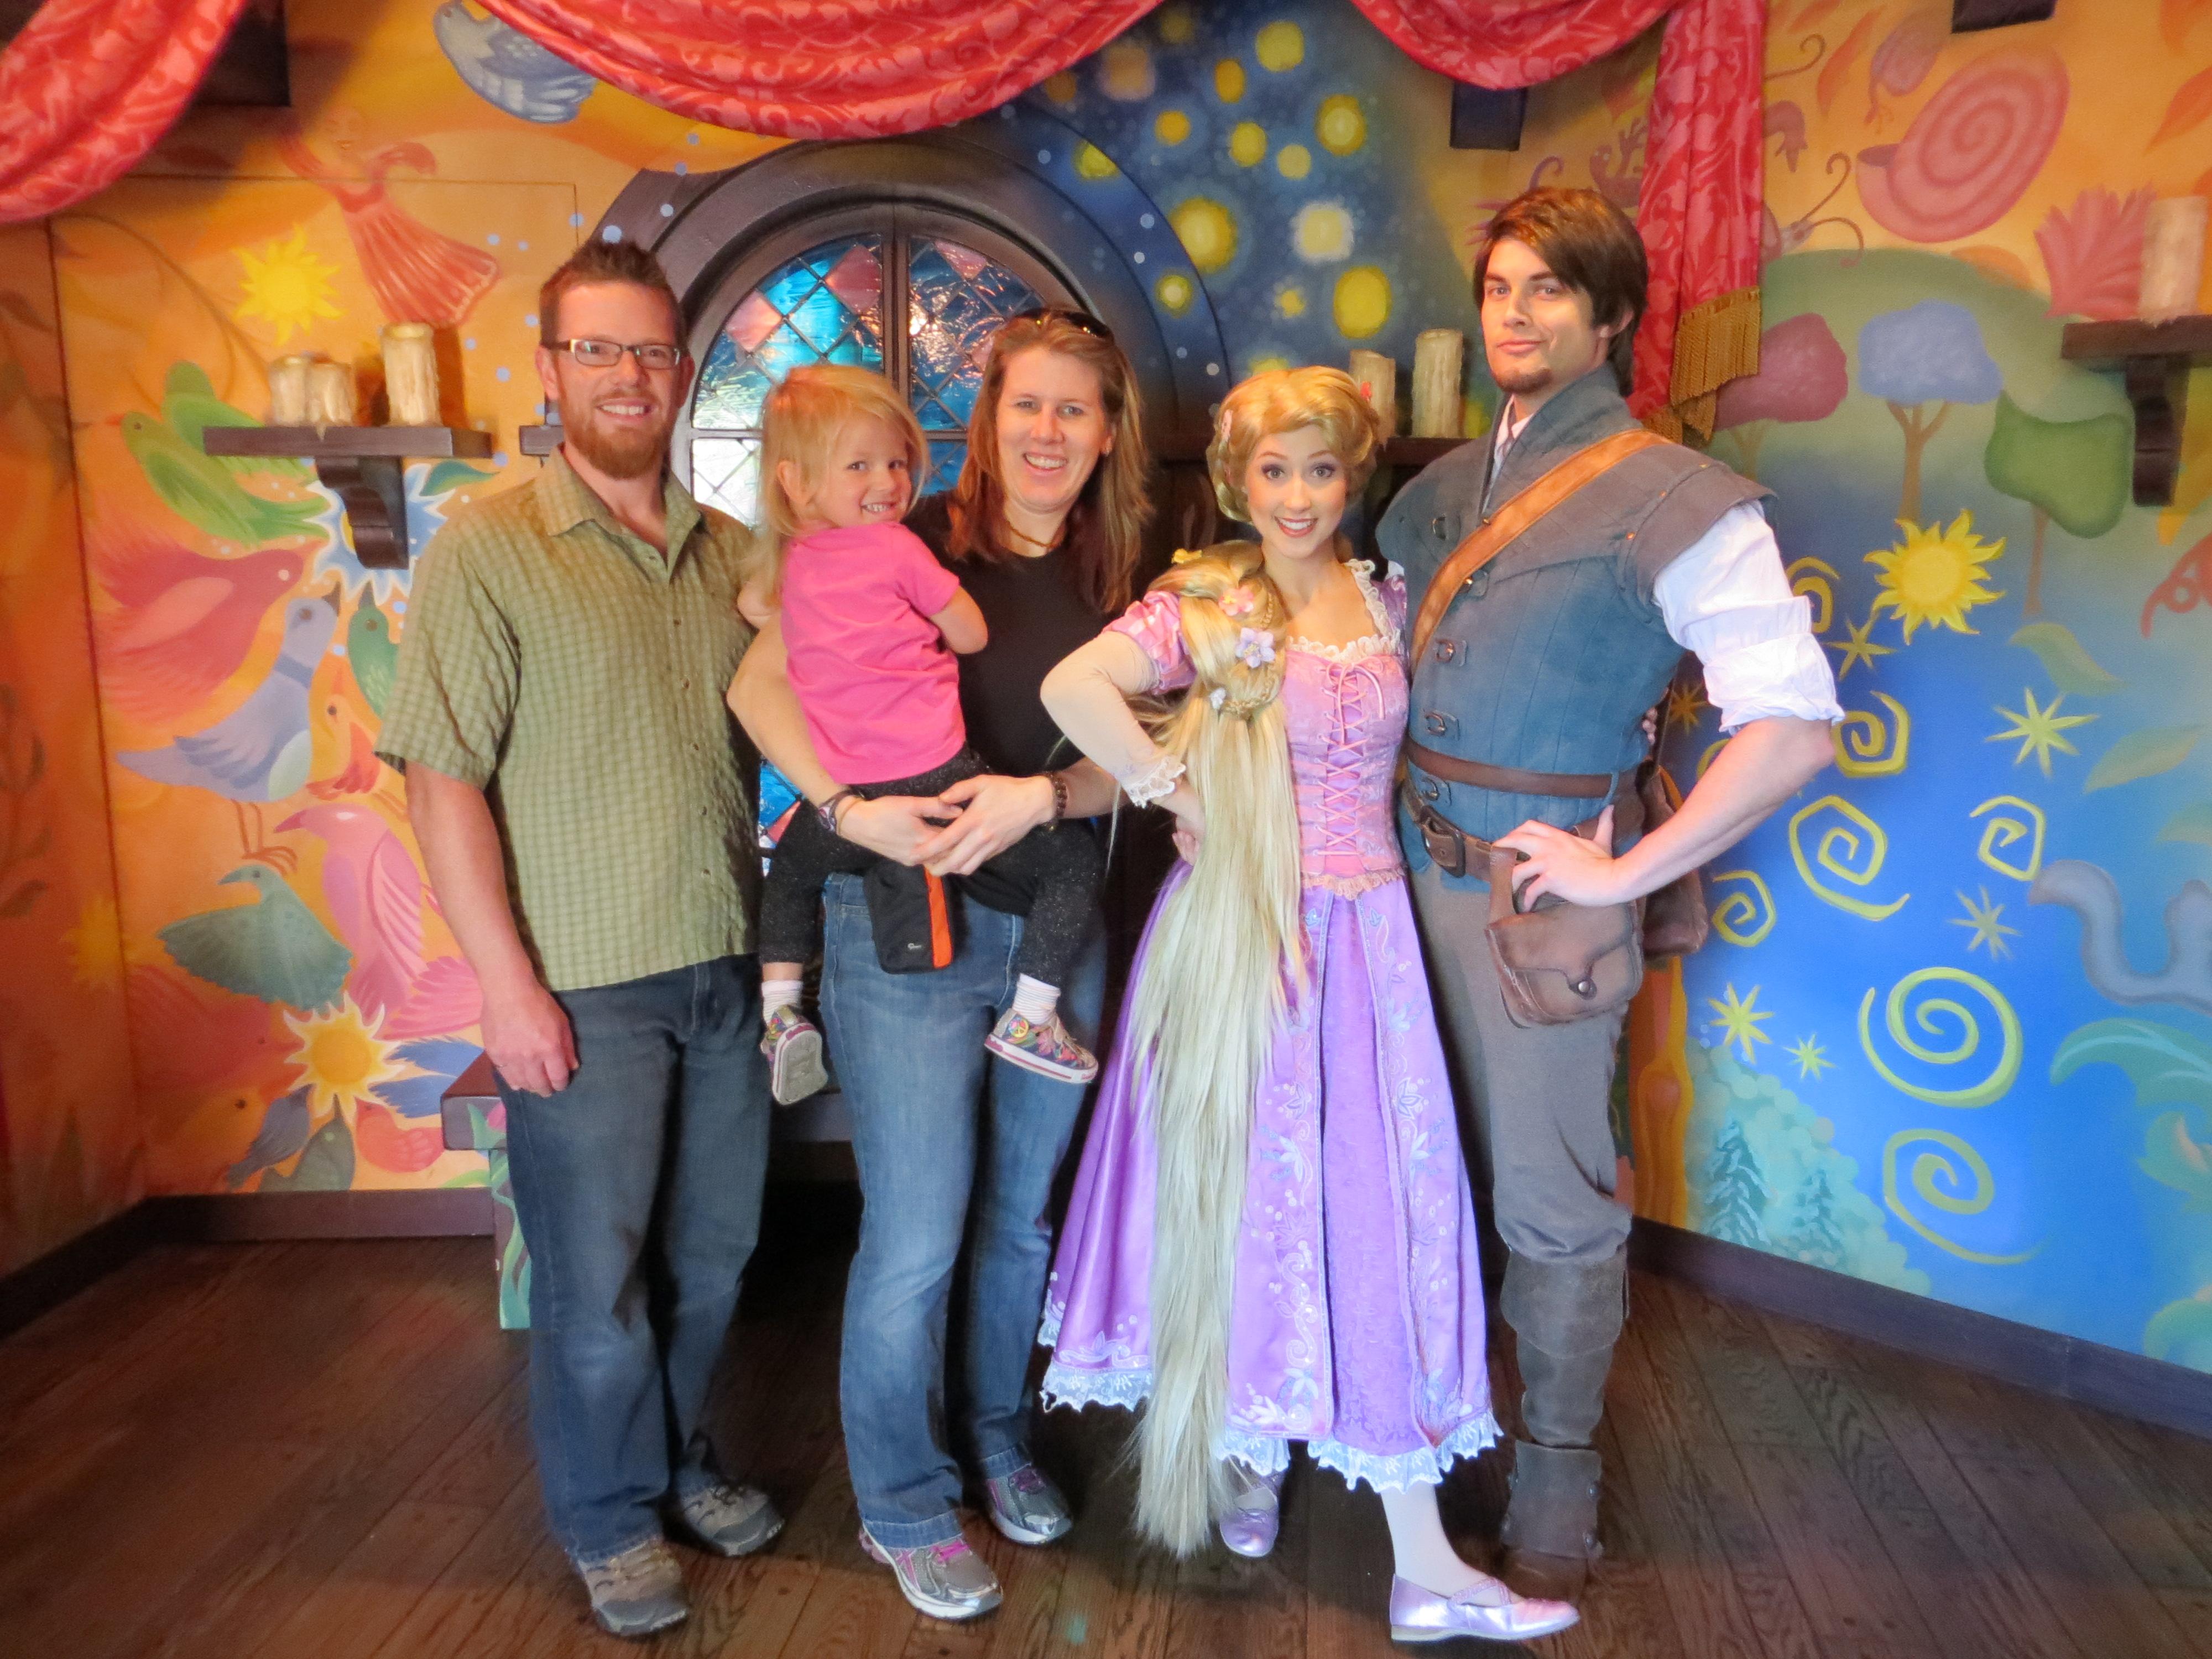 Flynn Rider Disney World 2013 Rapunzel and flynn riderFlynn Rider Disney World 2013